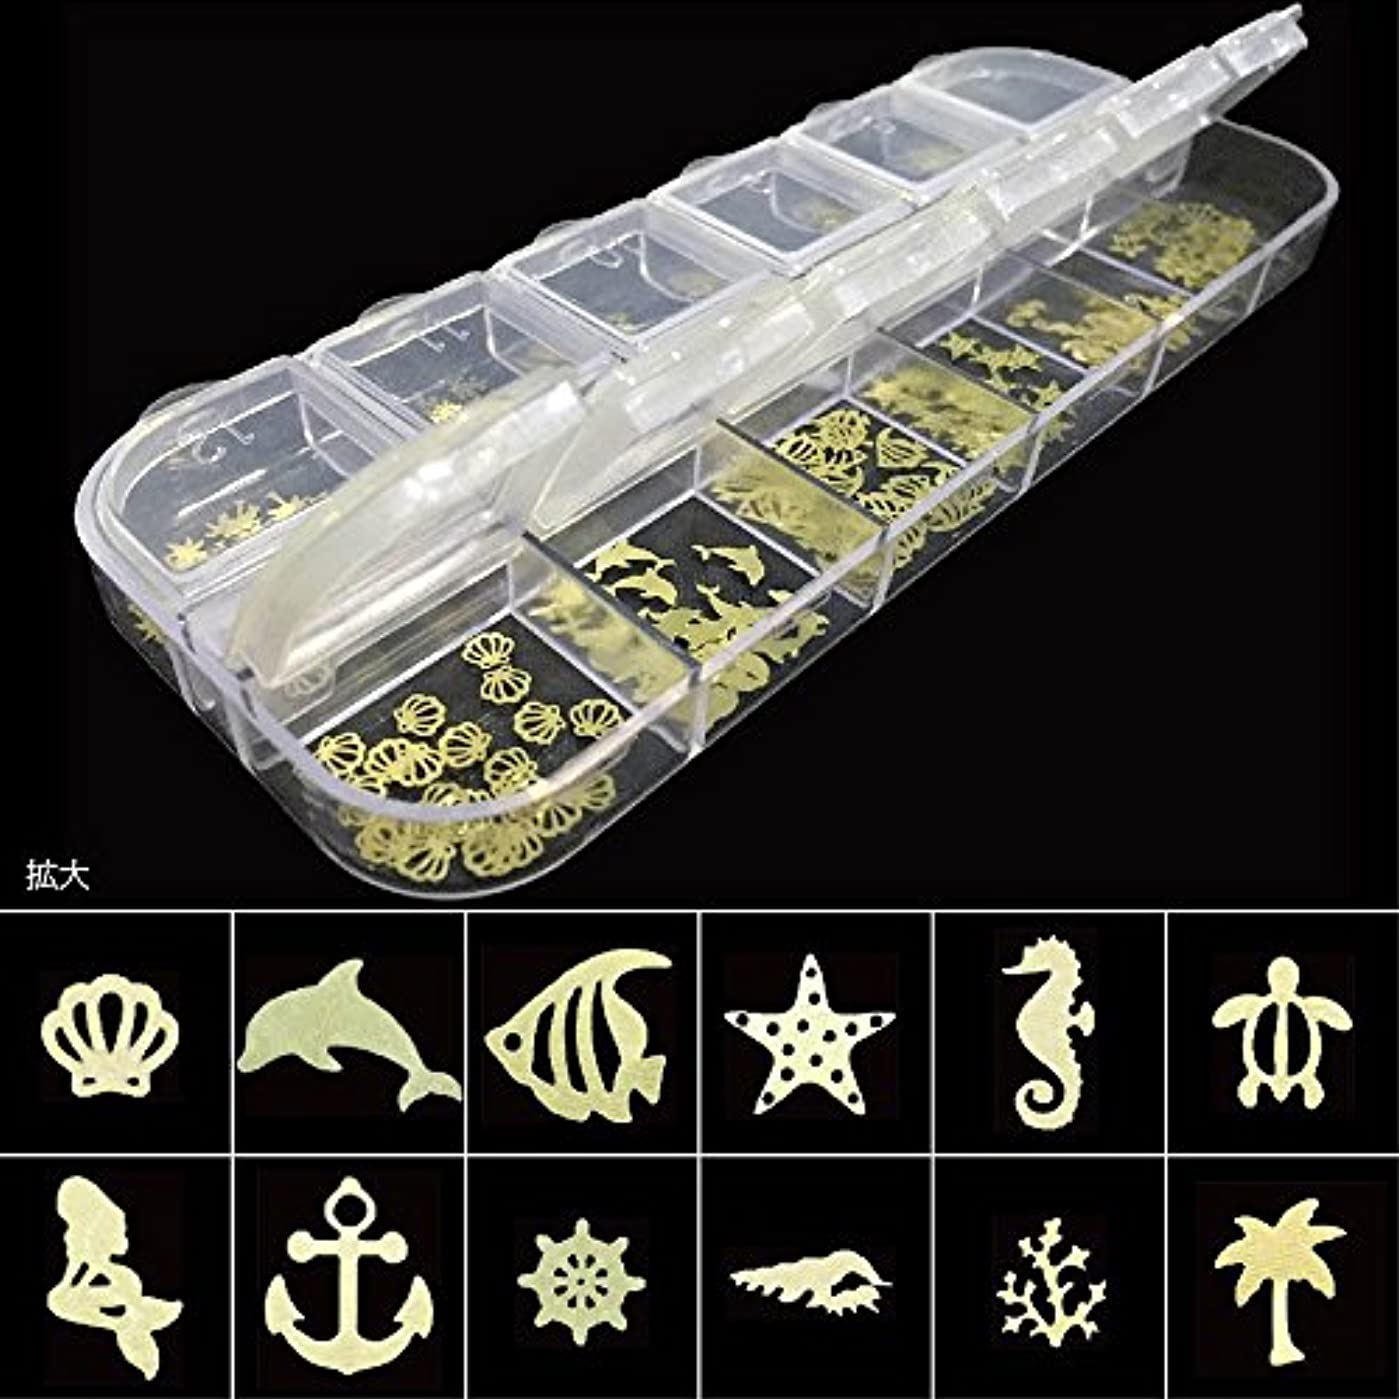 夫面倒浮浪者薄型メタル パーツ ゴールド240枚 ネイル&レジン用 12種類×各20個ケース入 (マリン)